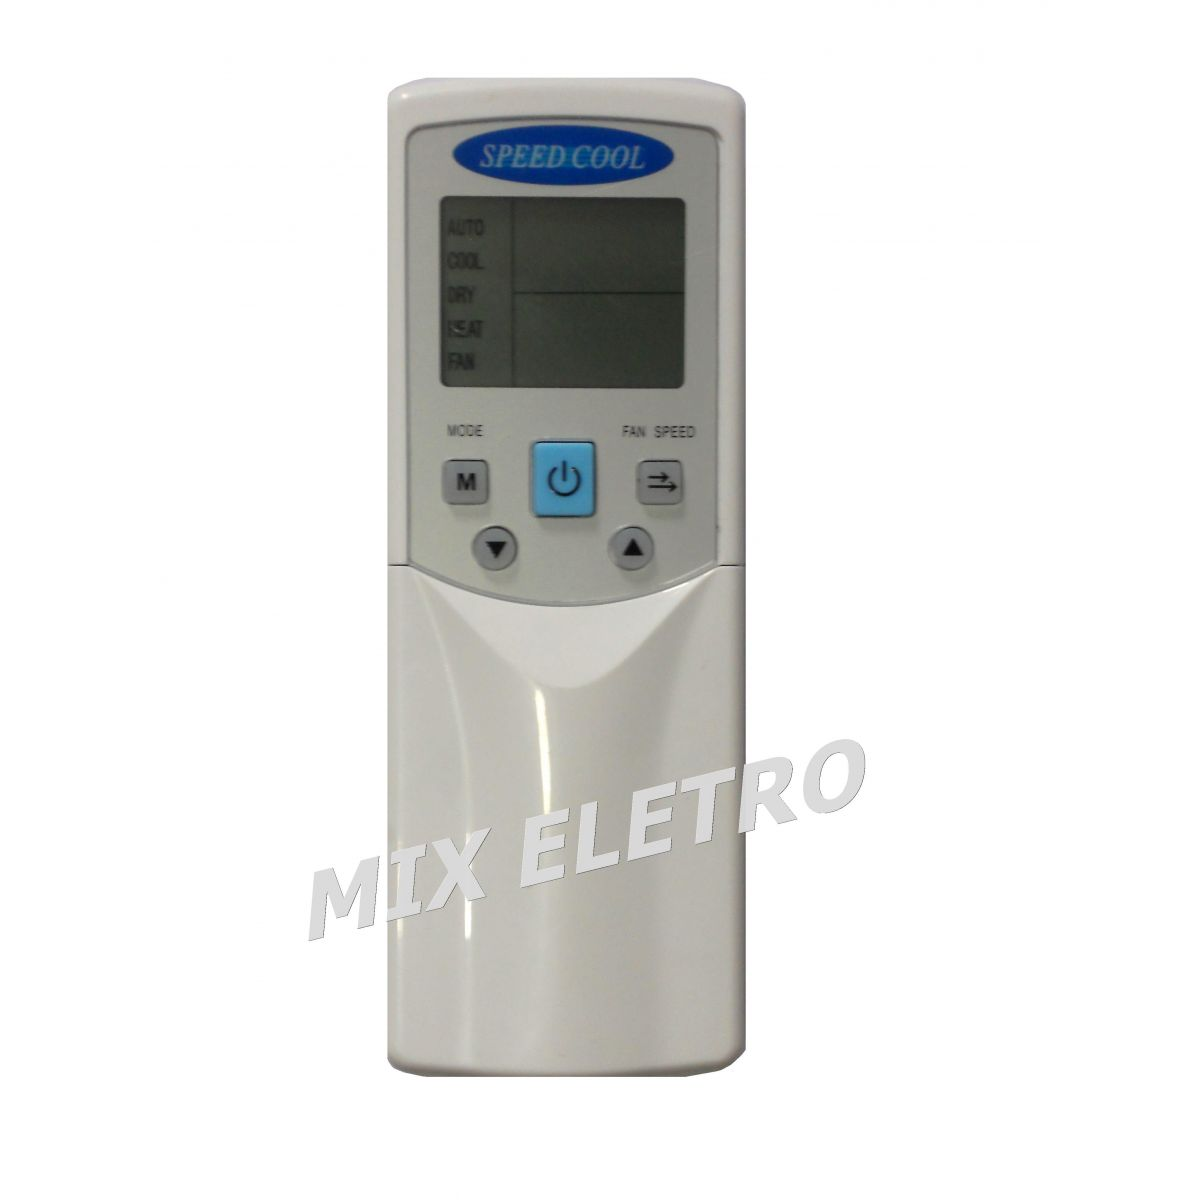 CONTROLE REMOTO PARA AR CONDICIONADO PISO TETO ELECTROLUX  - Mix Eletro